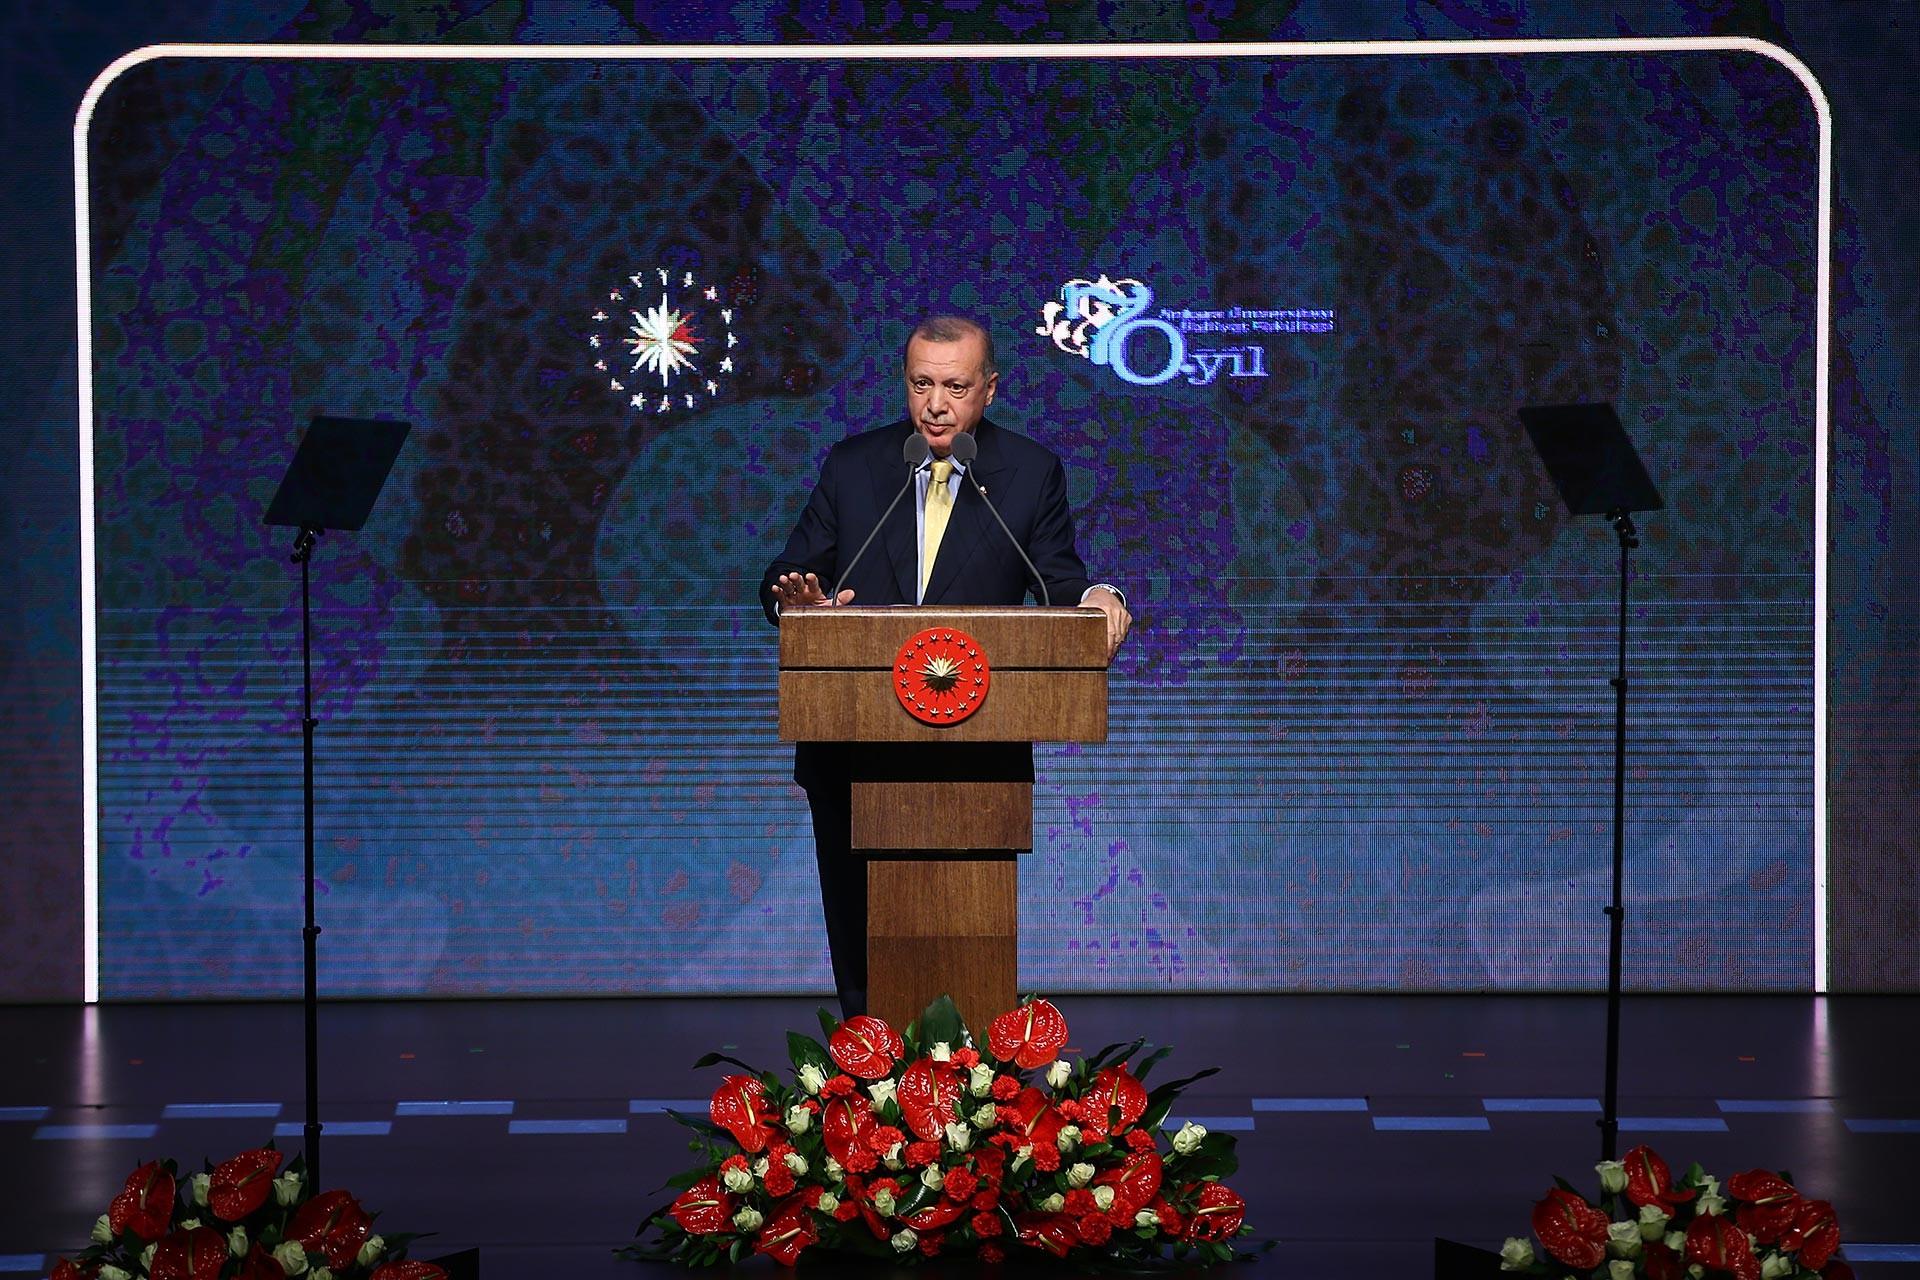 Erdoğan, Ankara Üniversitesi İlahiyat Fakültesi'nin 70. kuruluş yıl dönümü etkinliğinde konuştu